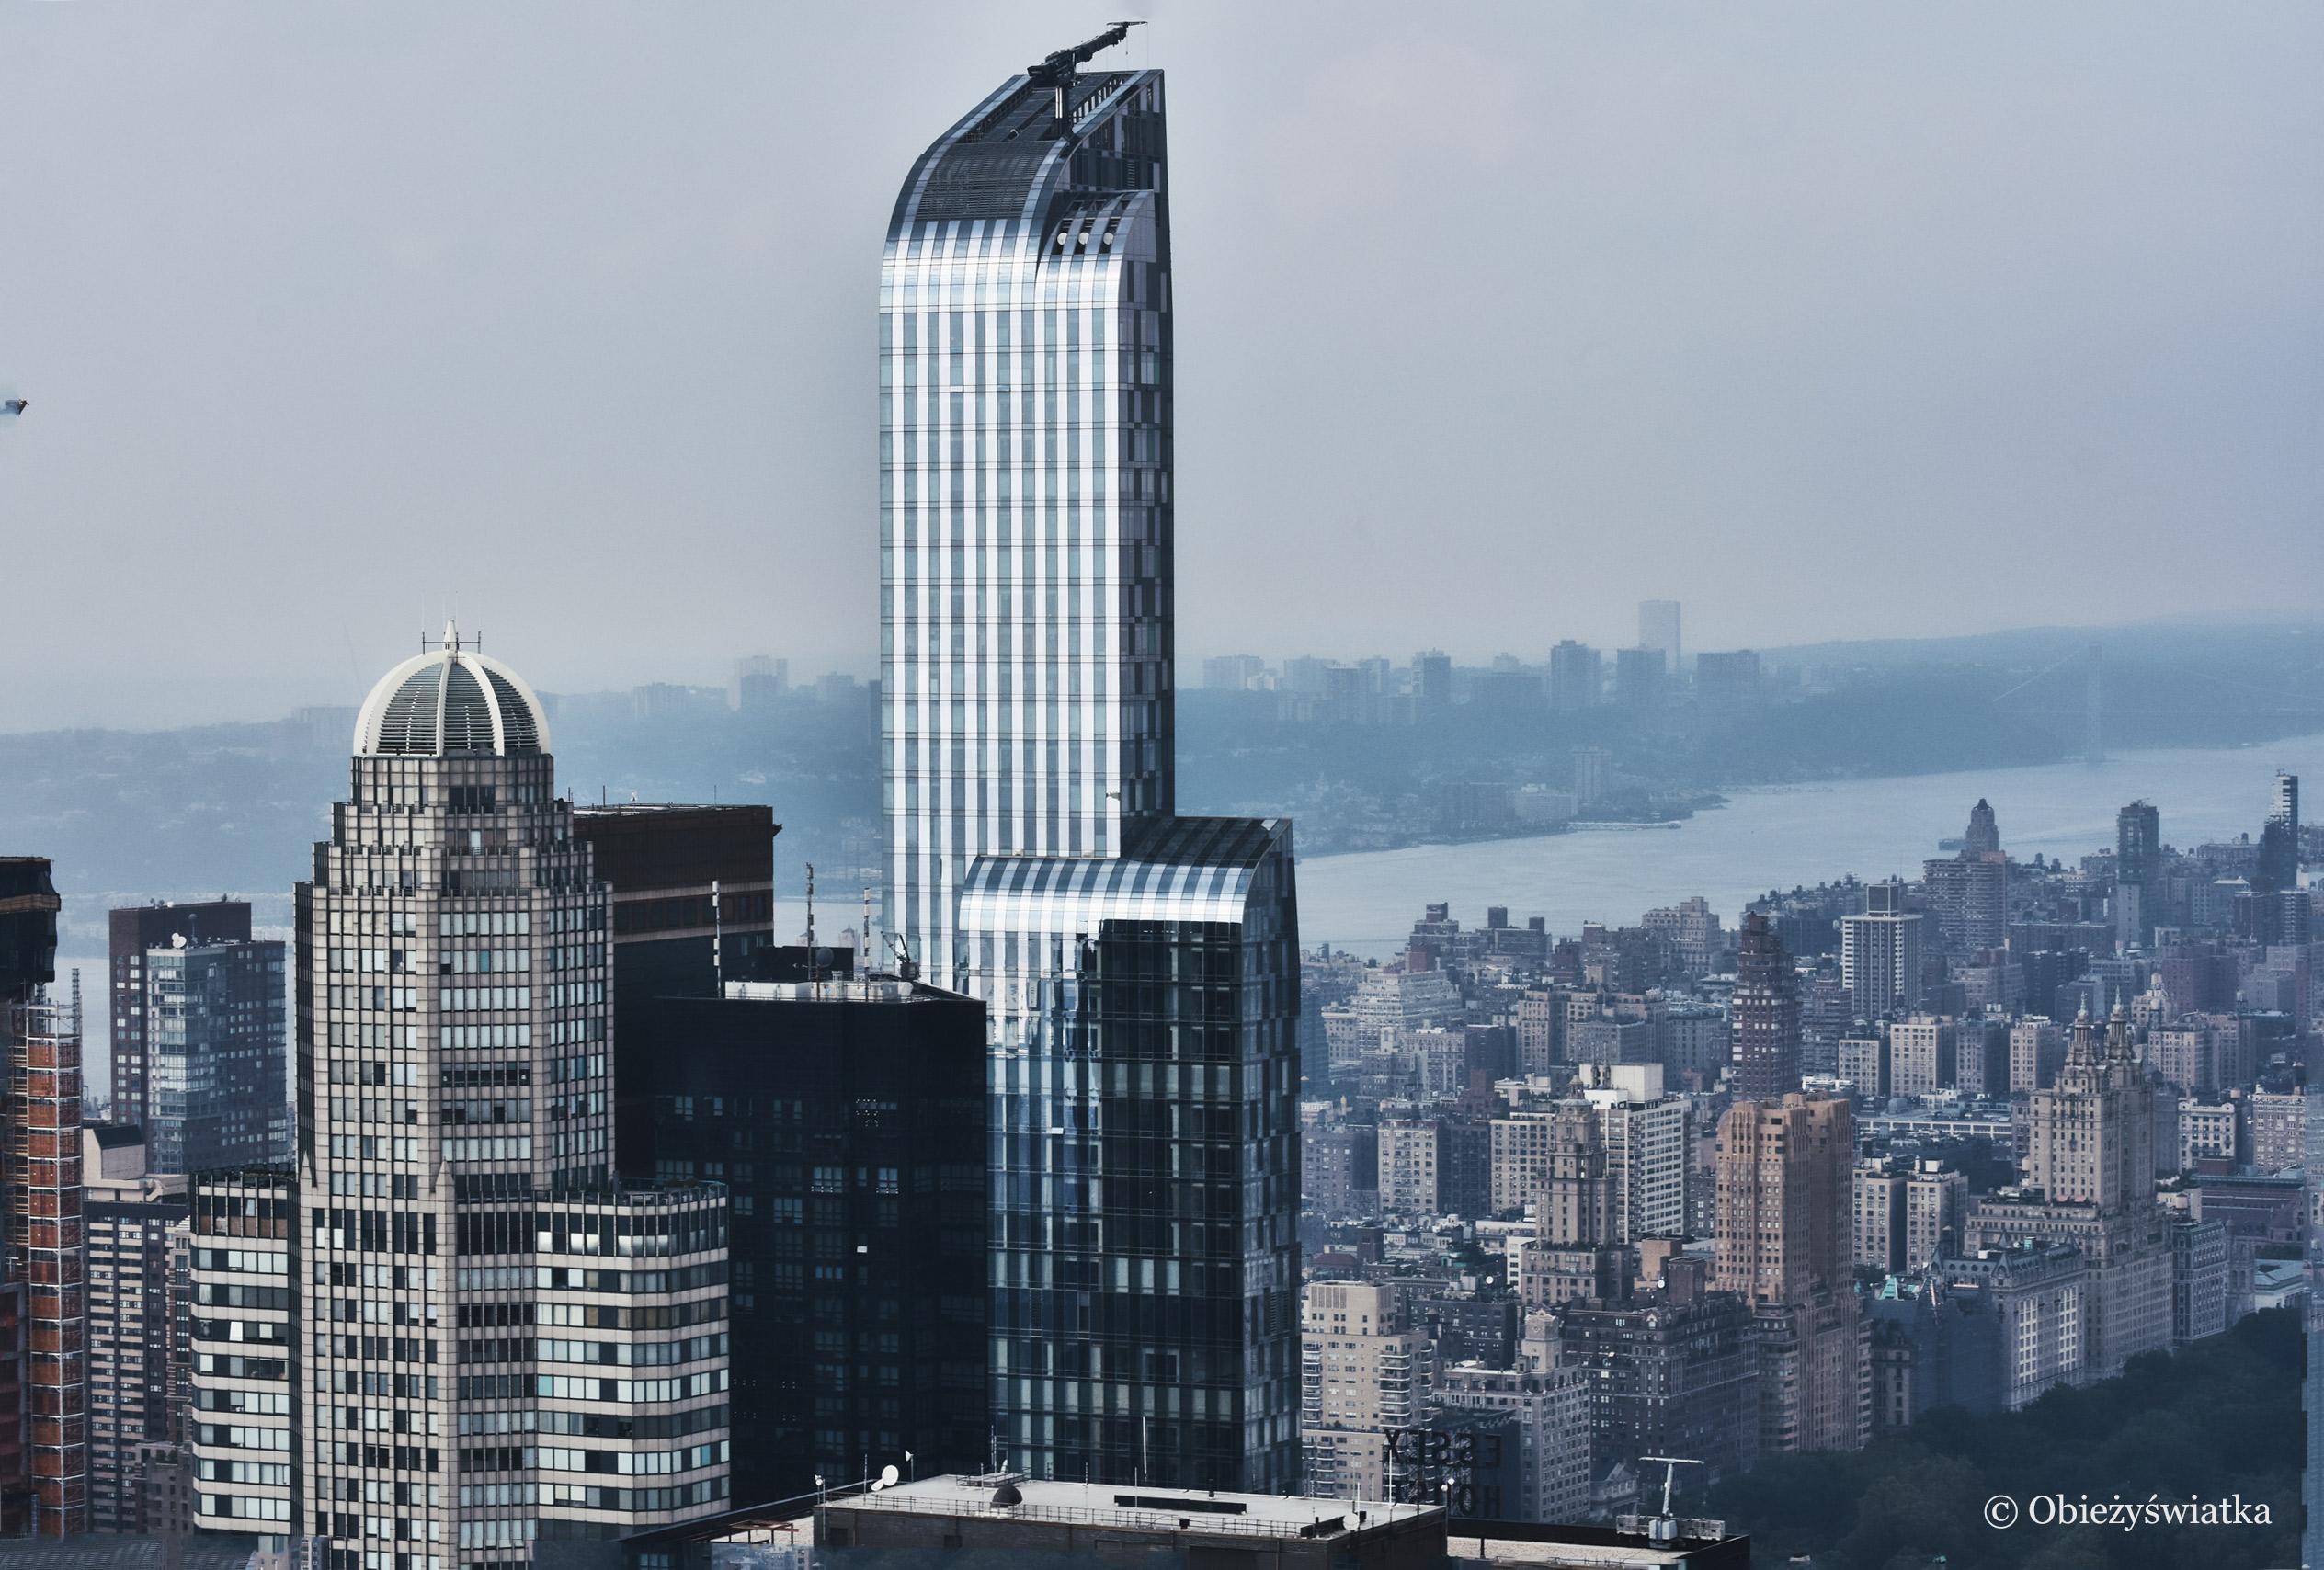 Wieżowiec One57, Nowy Jork